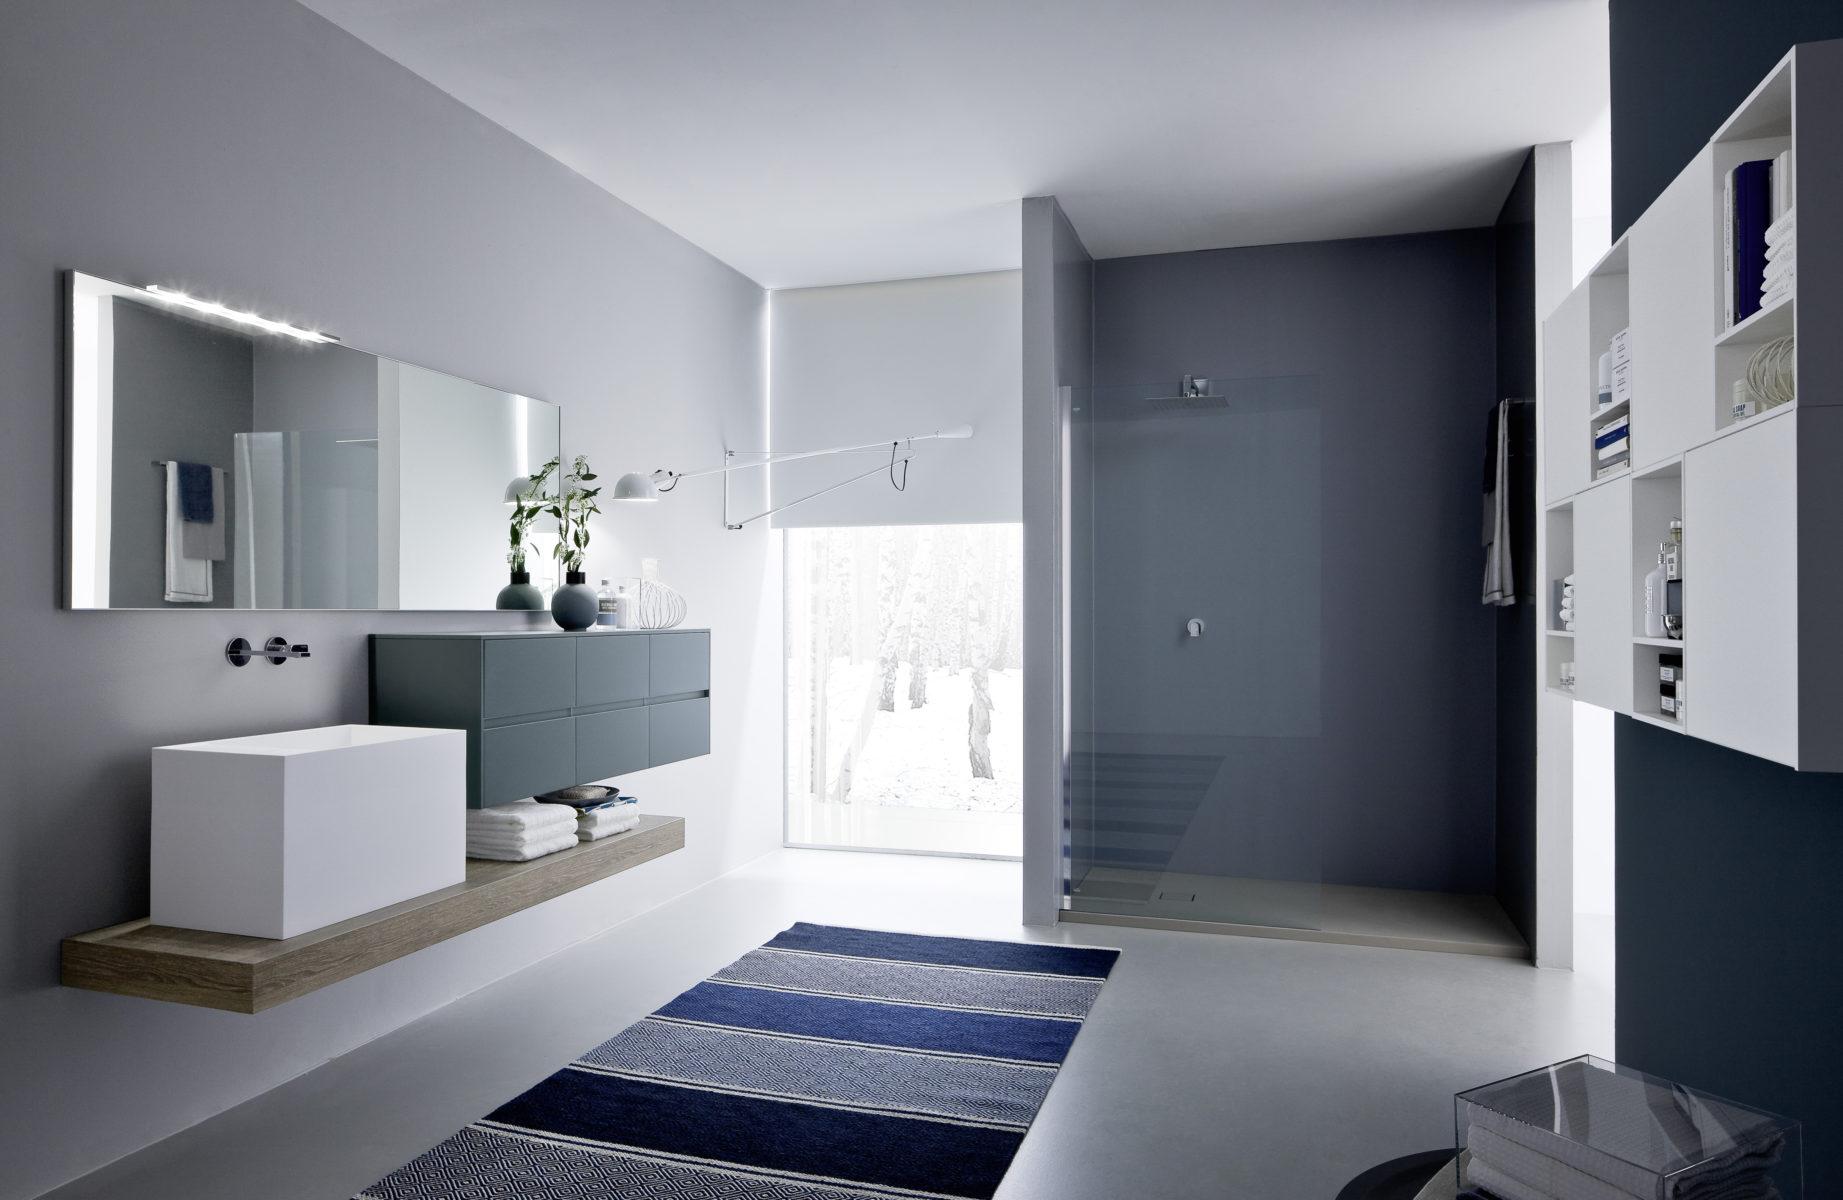 ny m bel und bad accessoires ideagroup. Black Bedroom Furniture Sets. Home Design Ideas